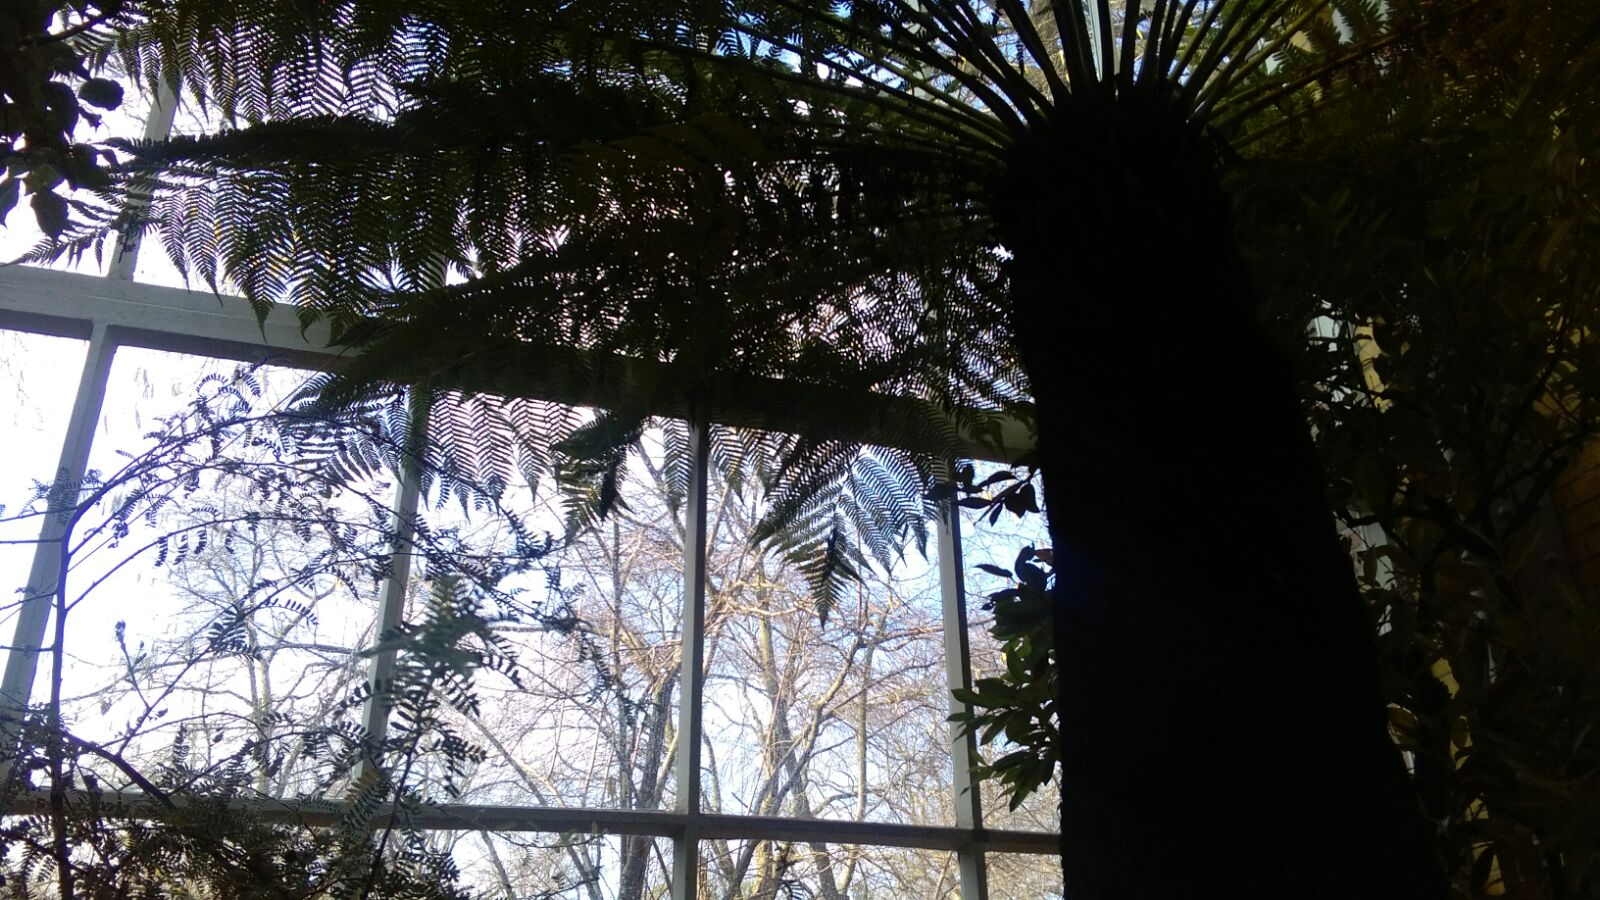 Amsterdam botanische tuin winter Hortus Hortus Botanicus Citytrip stedentrip dagtrip trein